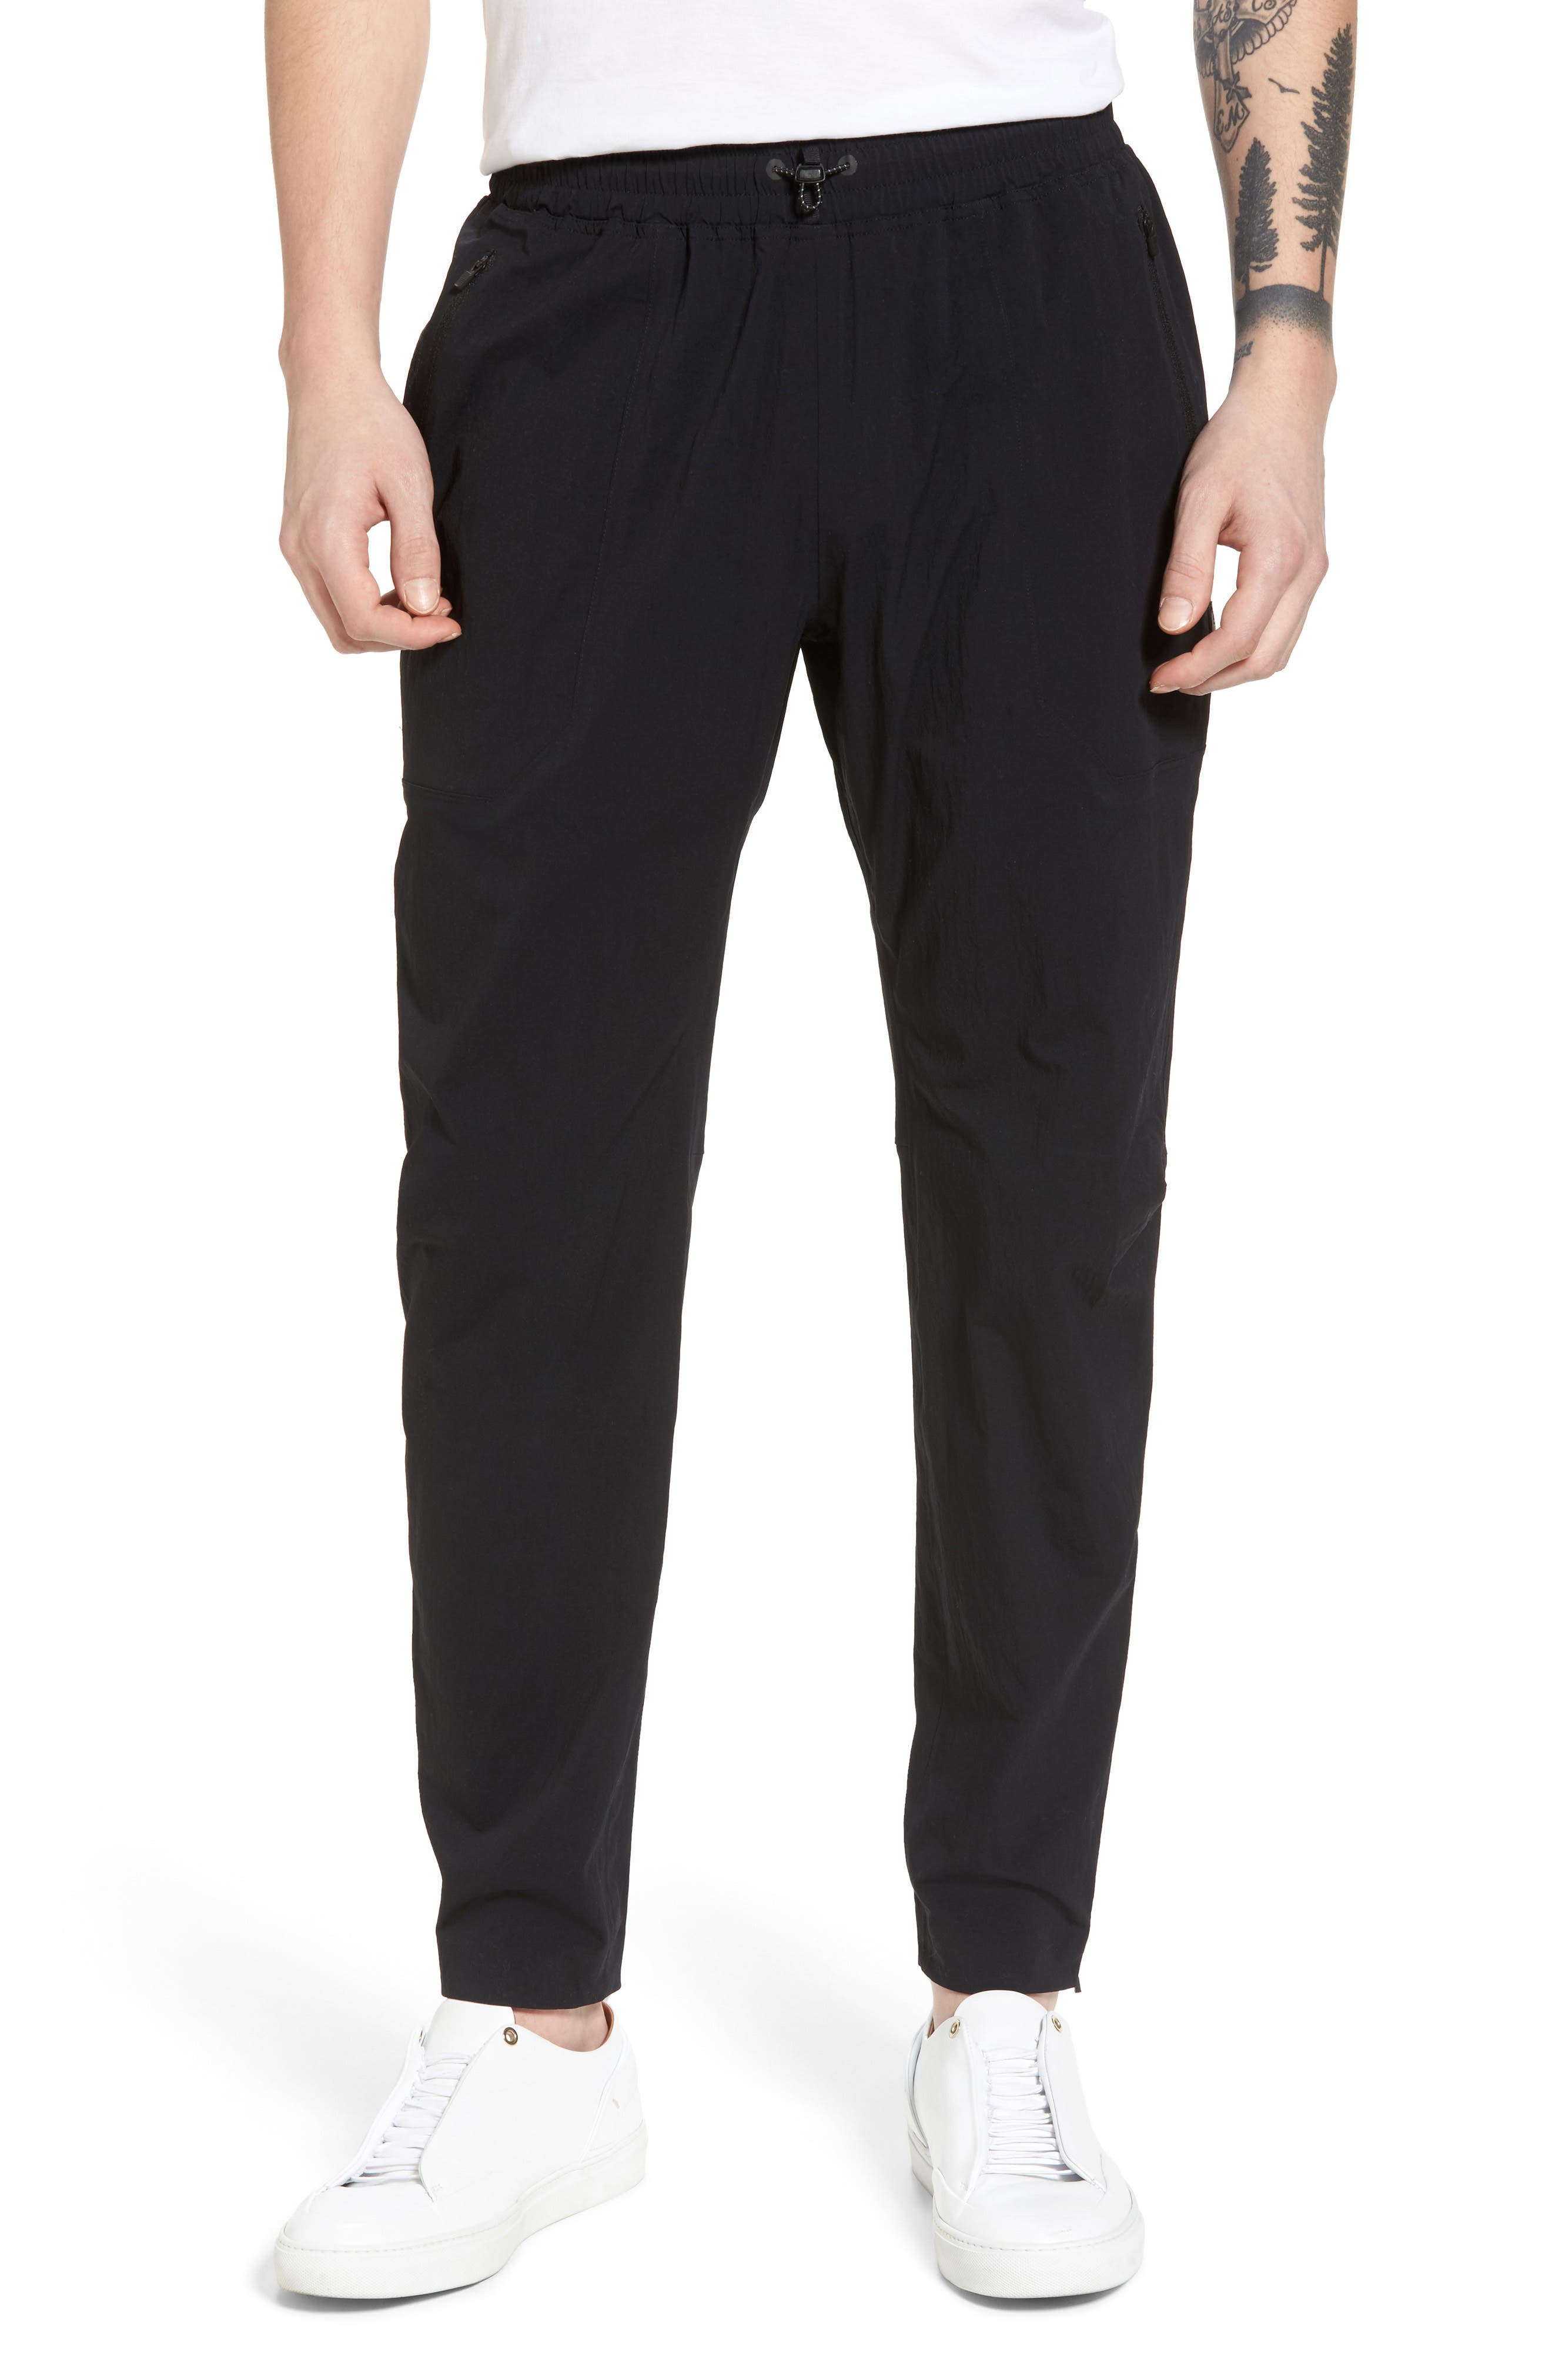 N279 Sweatpants,                         Main,                         color, 001